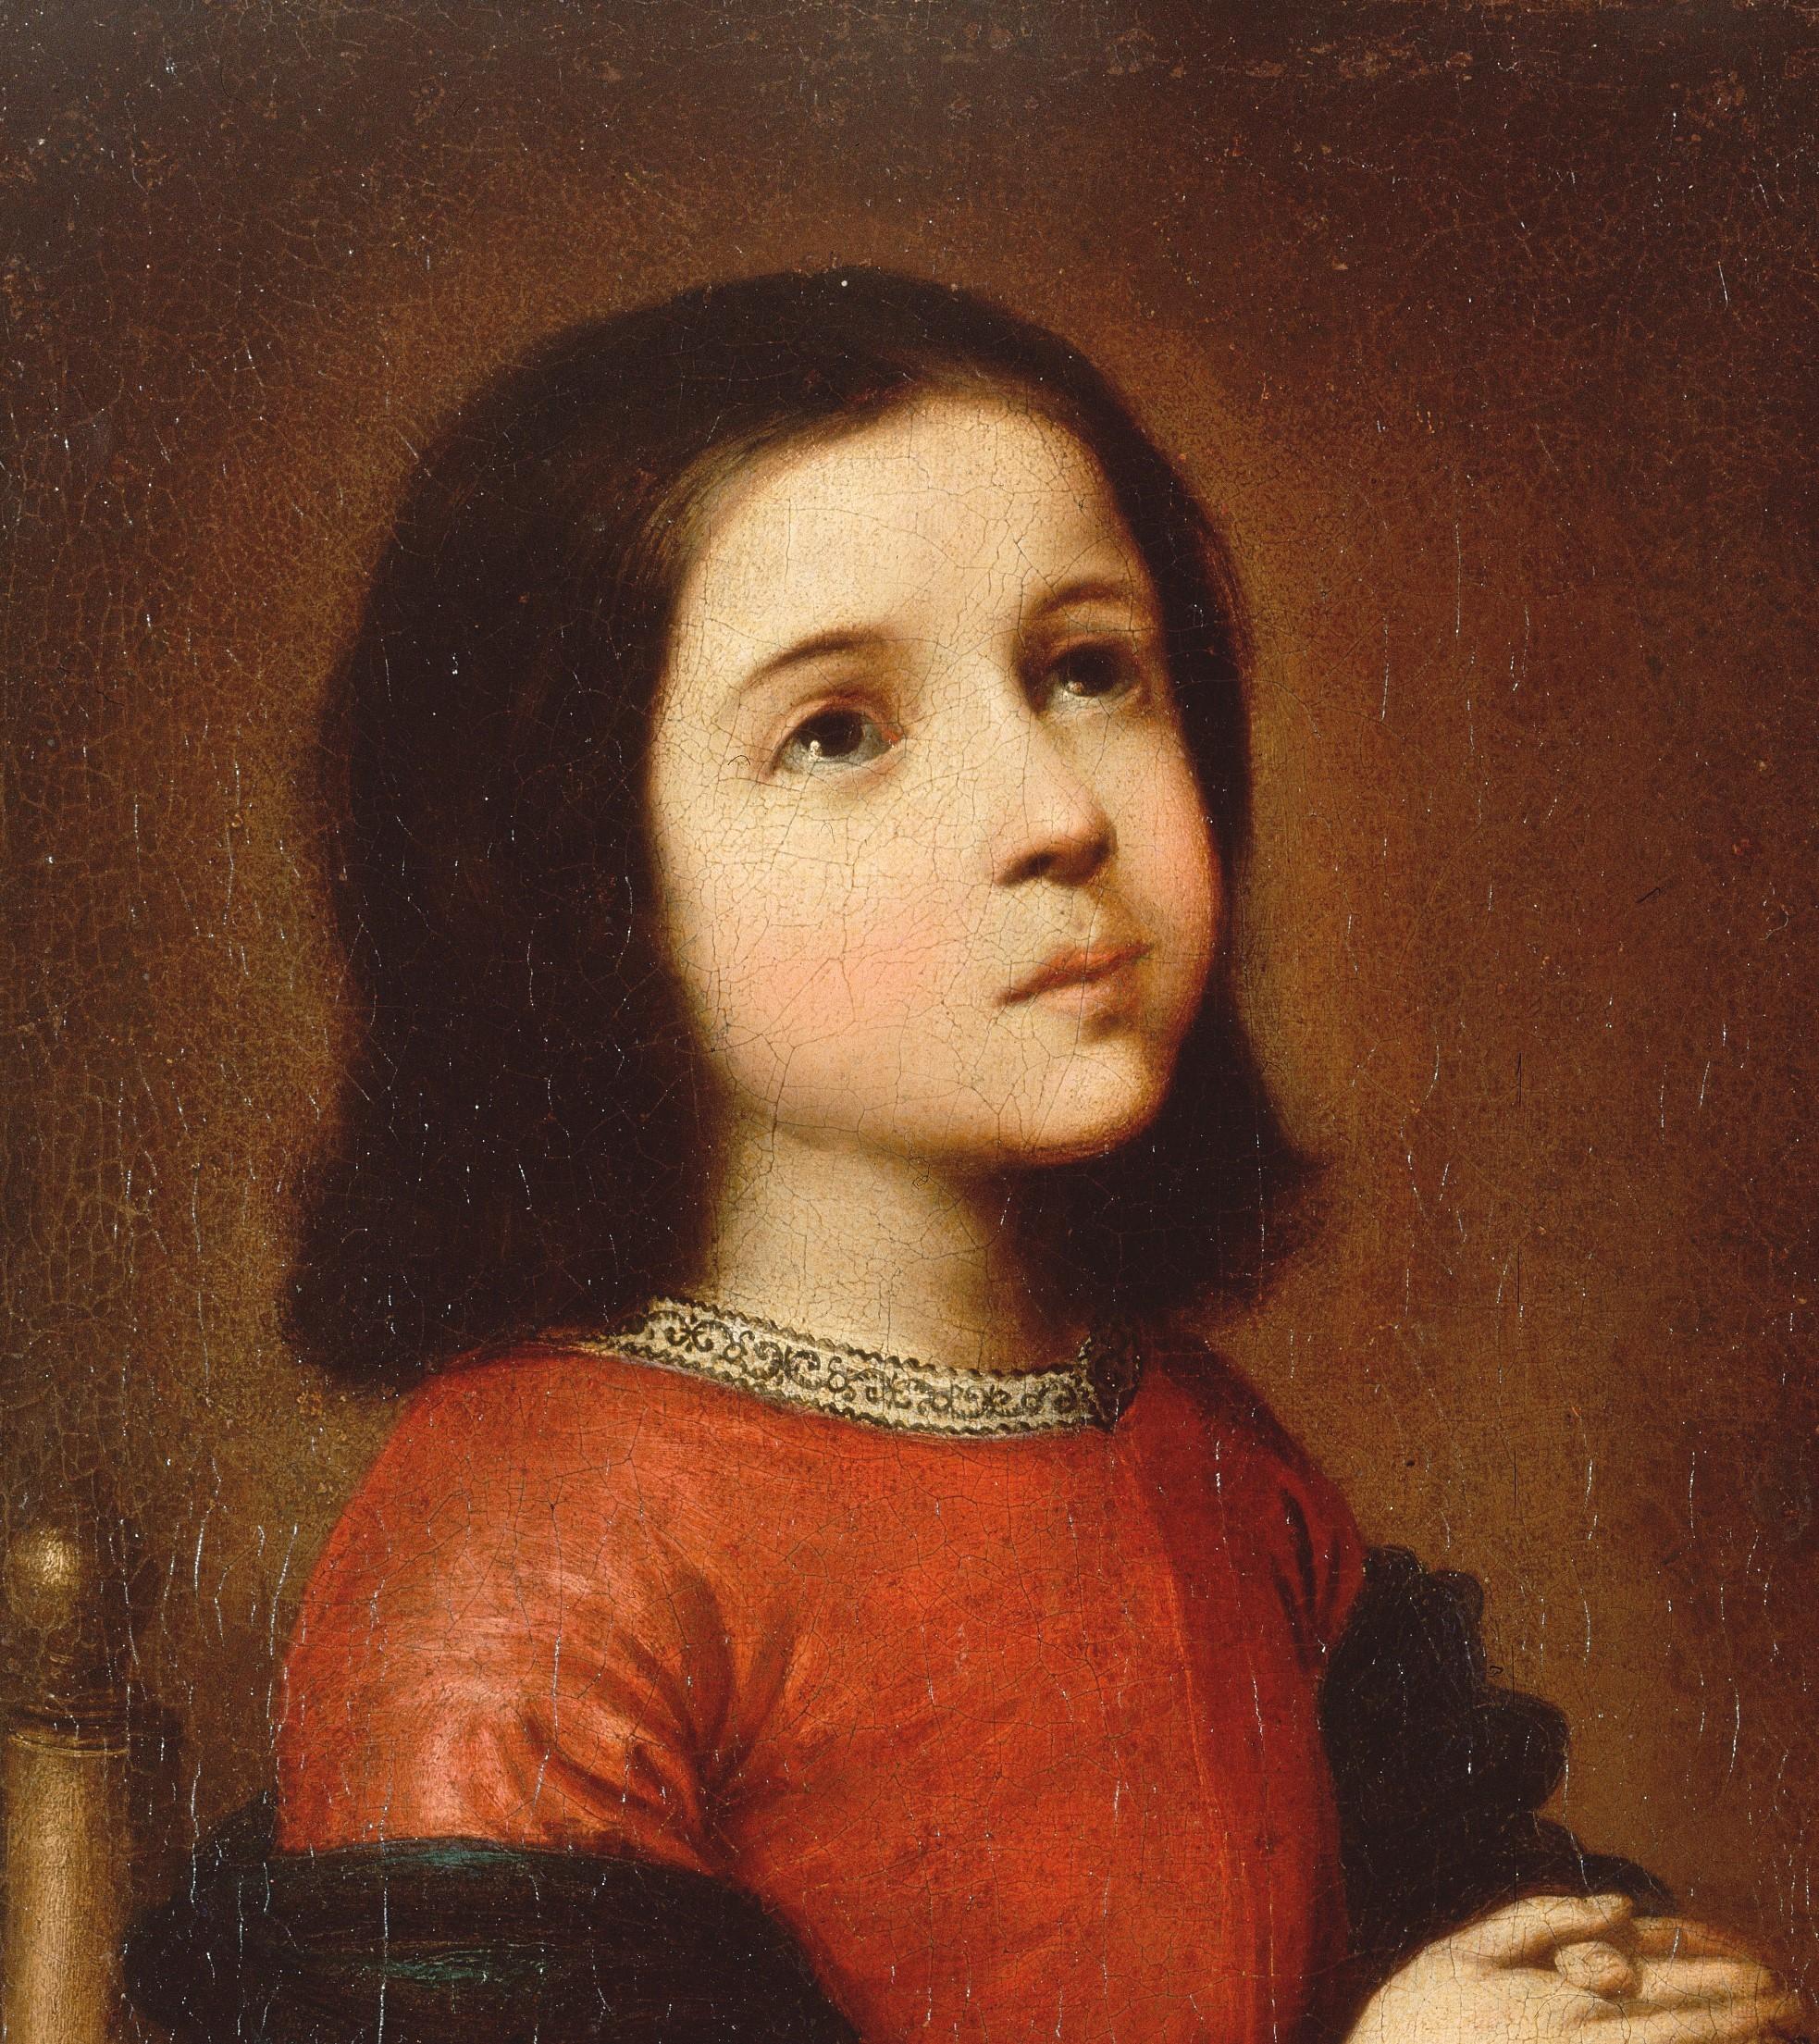 フランシスコ・デ・スルバランの画像 p1_38